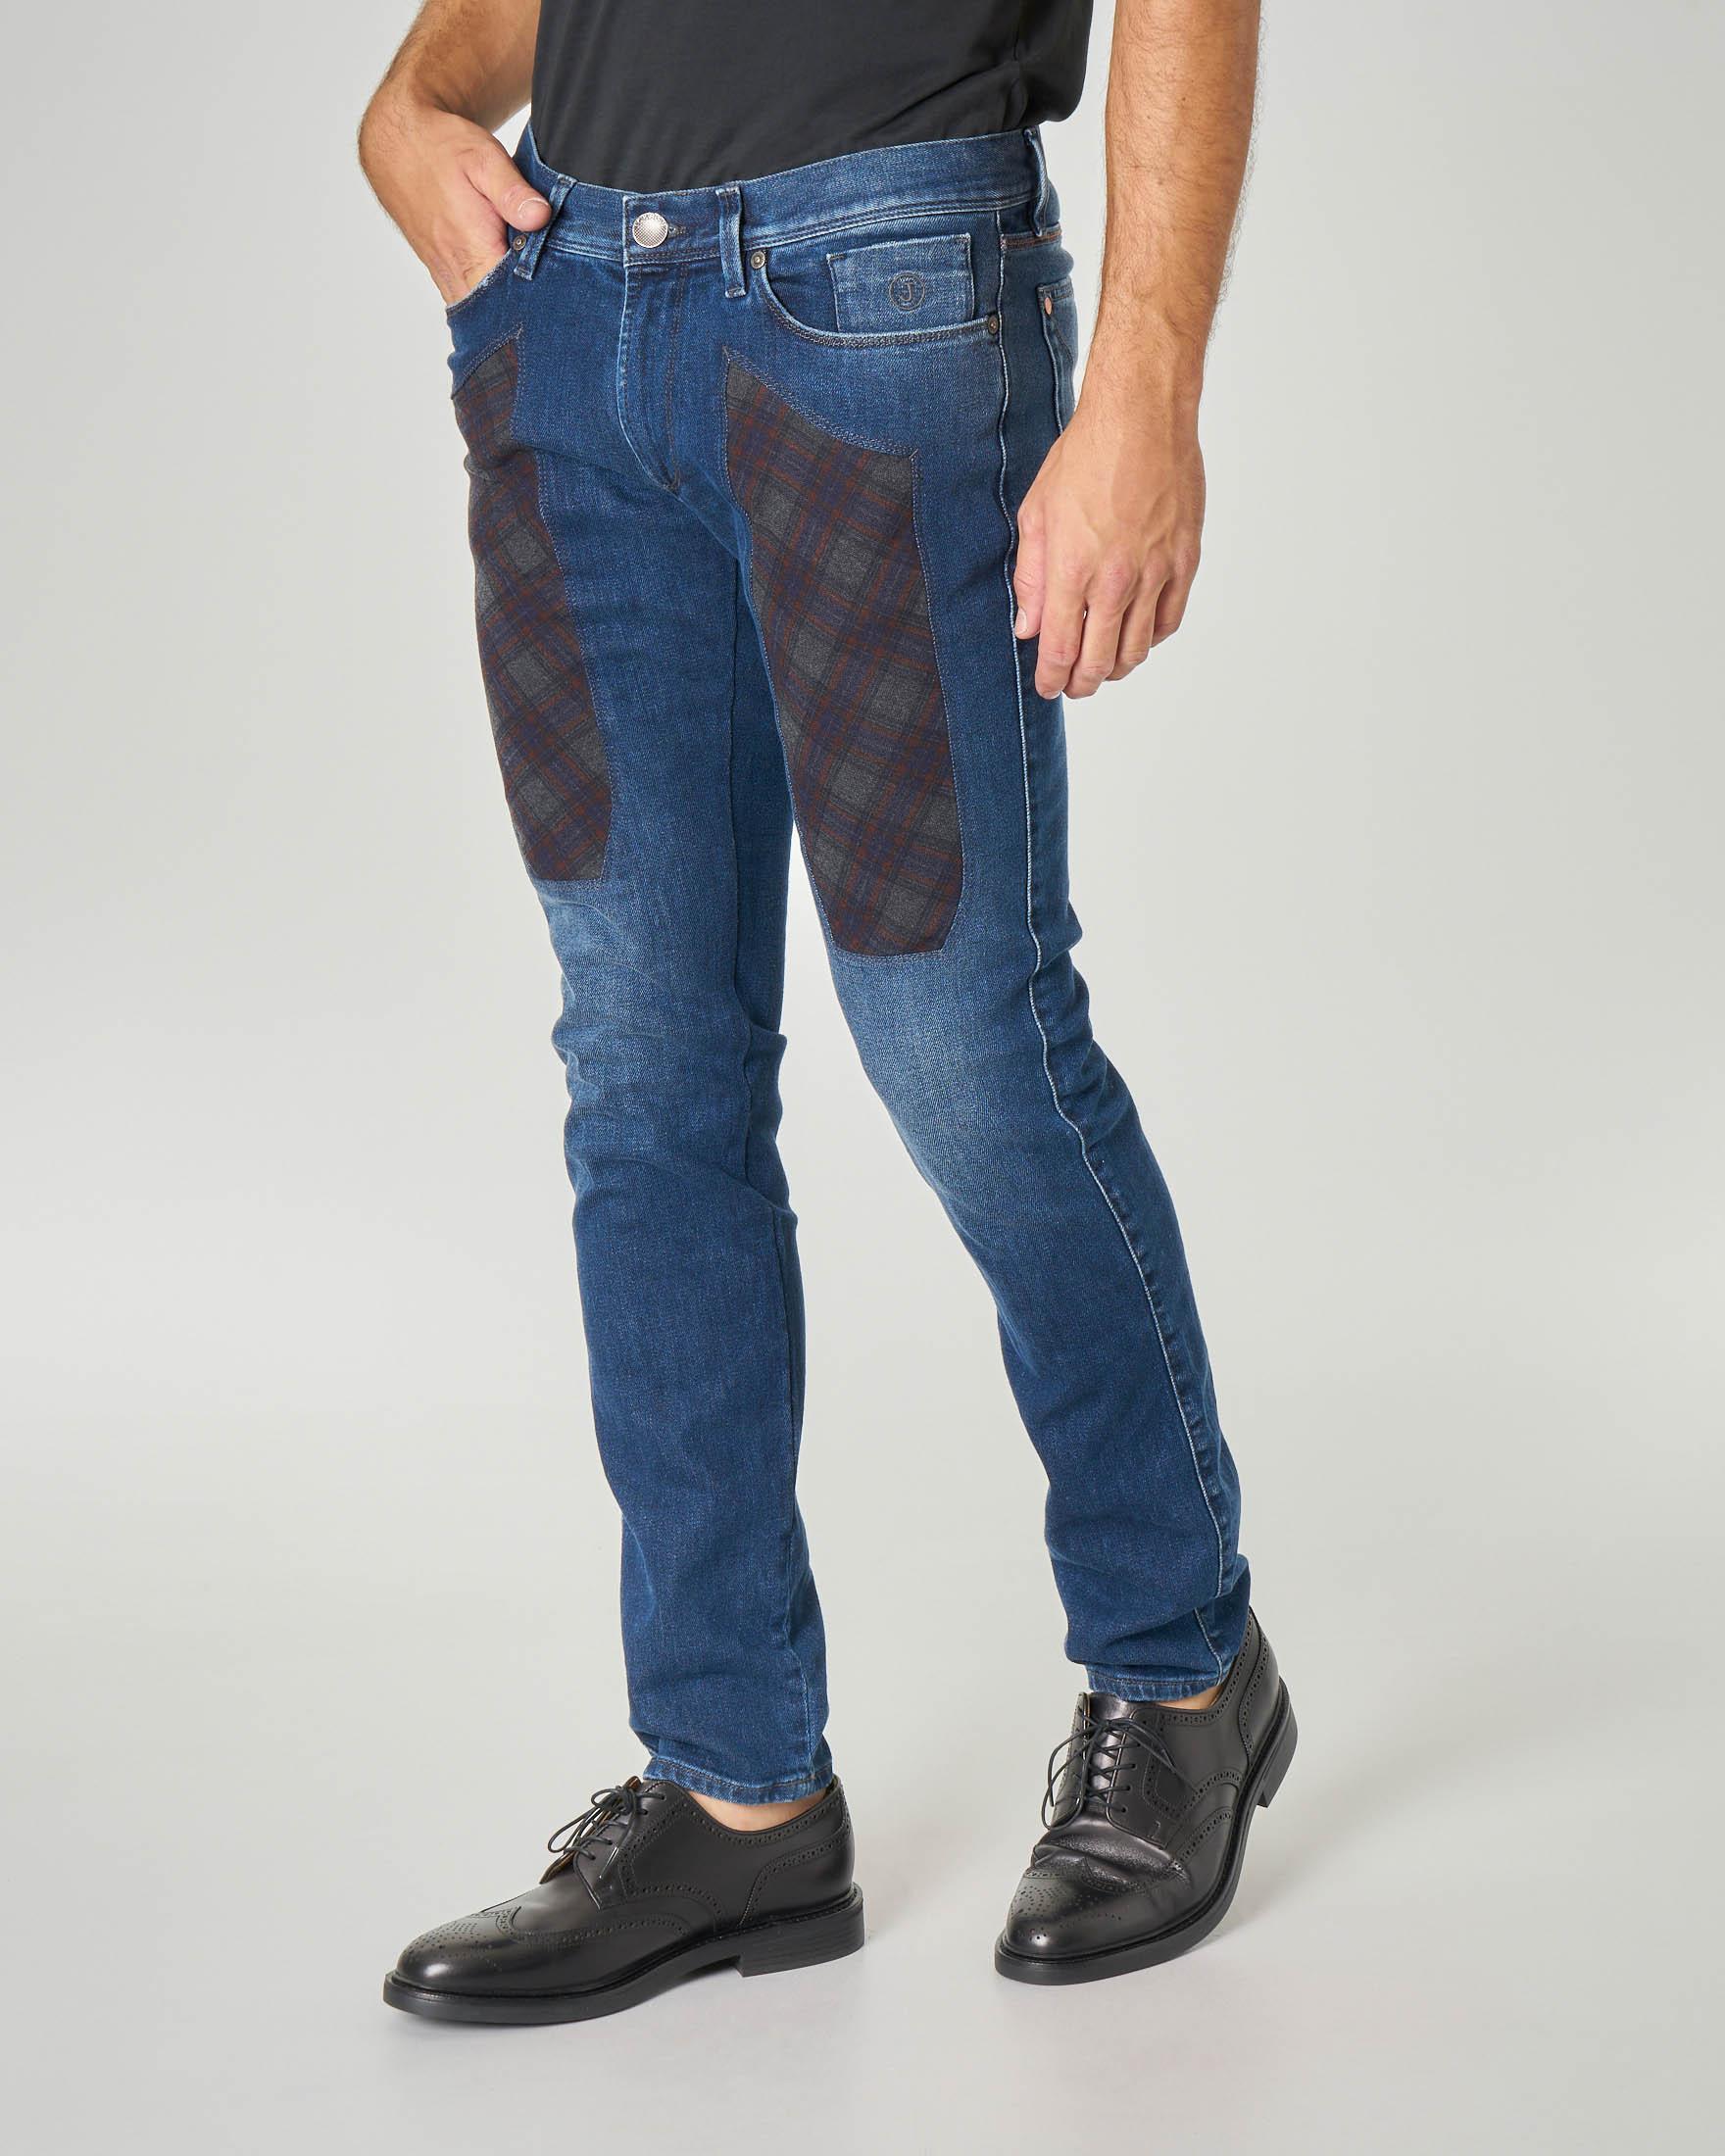 Jeans PA077 con toppa in tartan check lavaggio stone wash